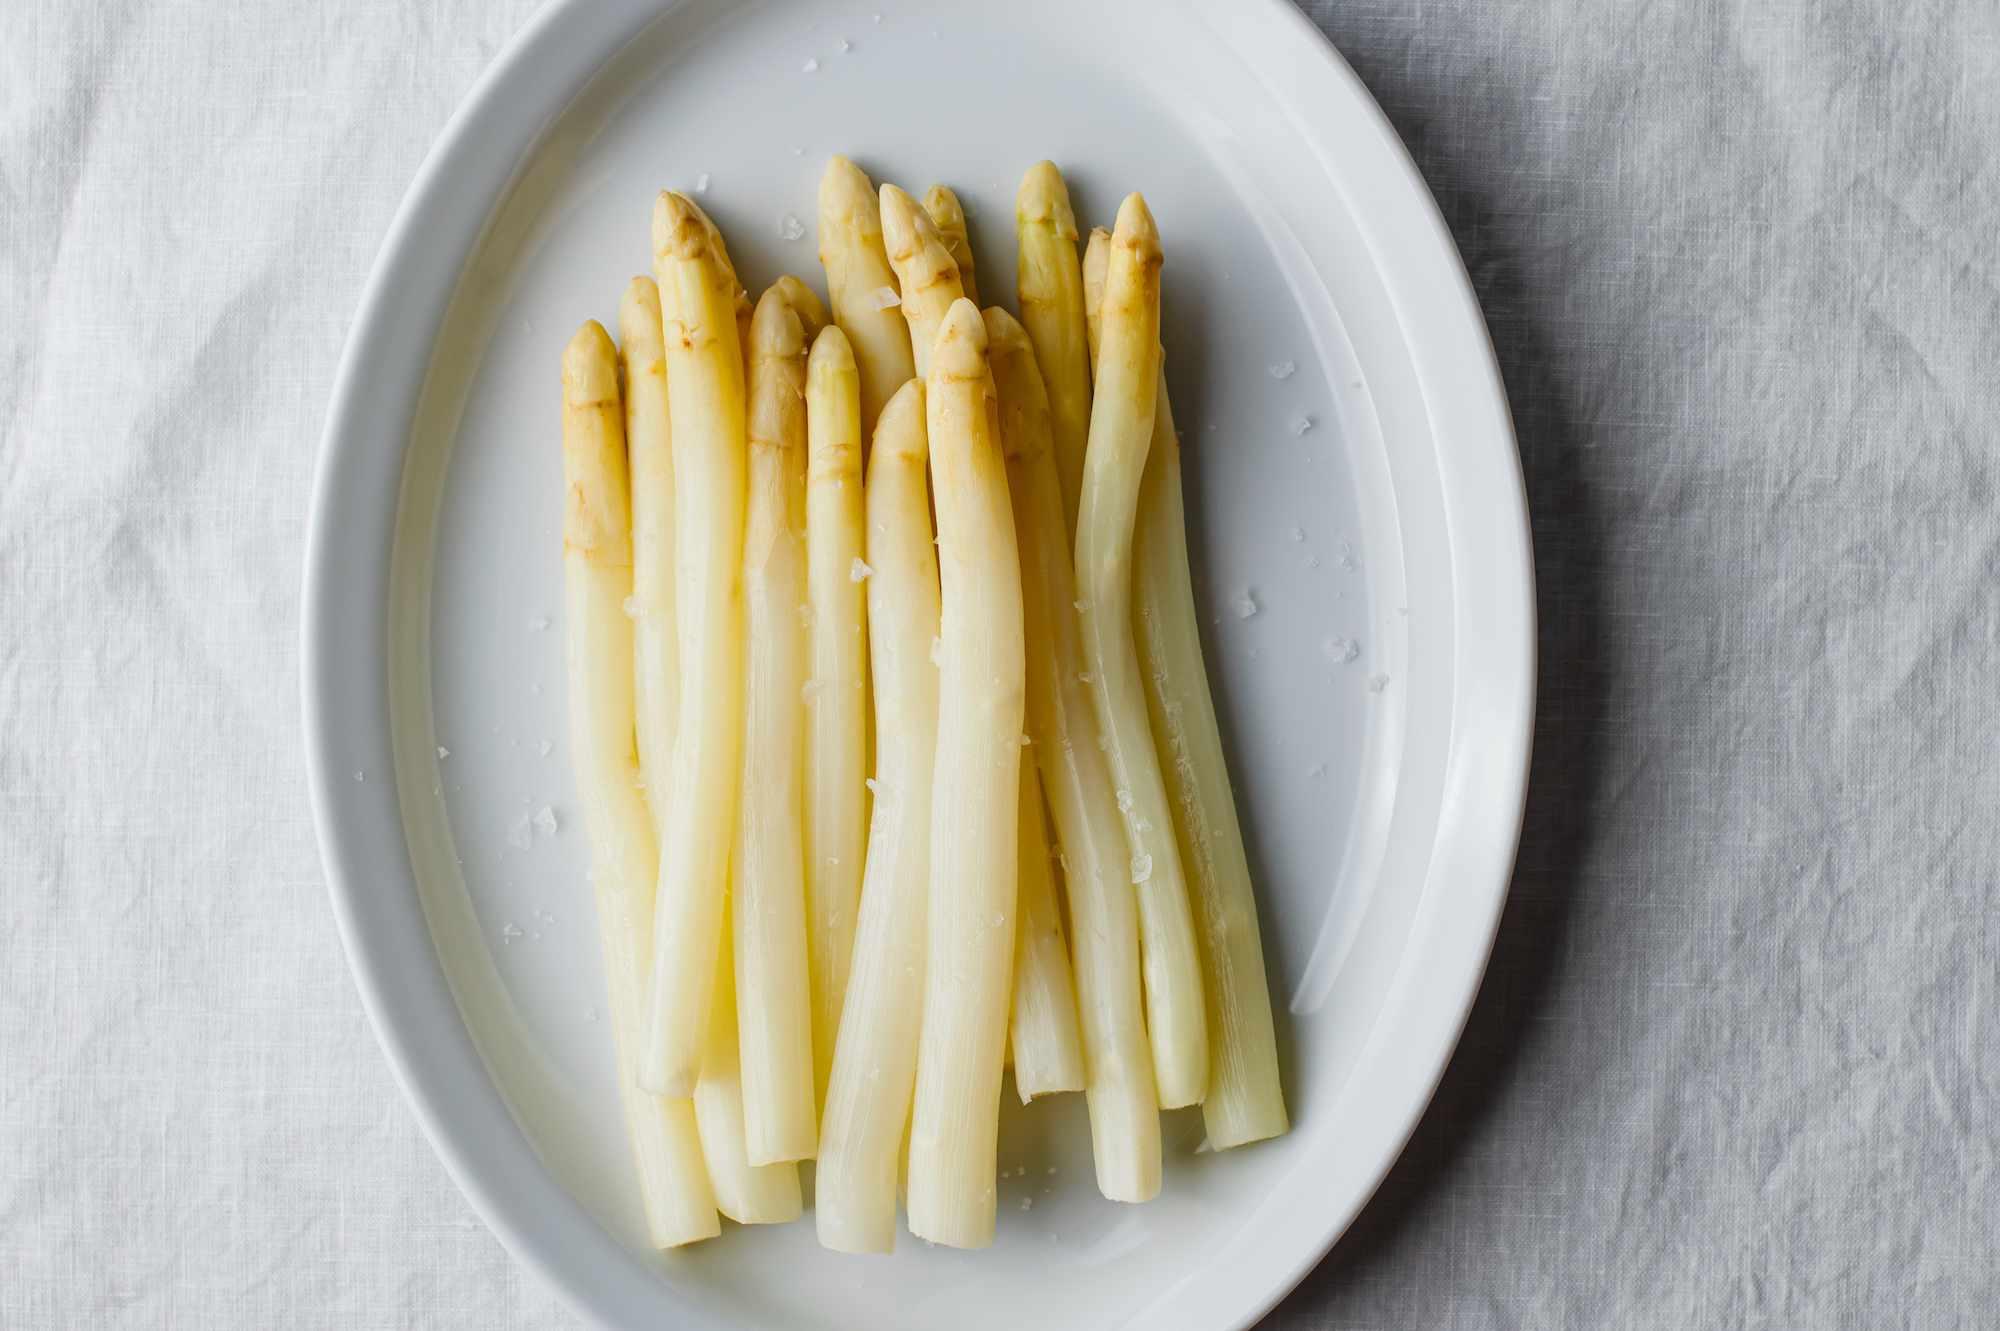 Drain asparagus